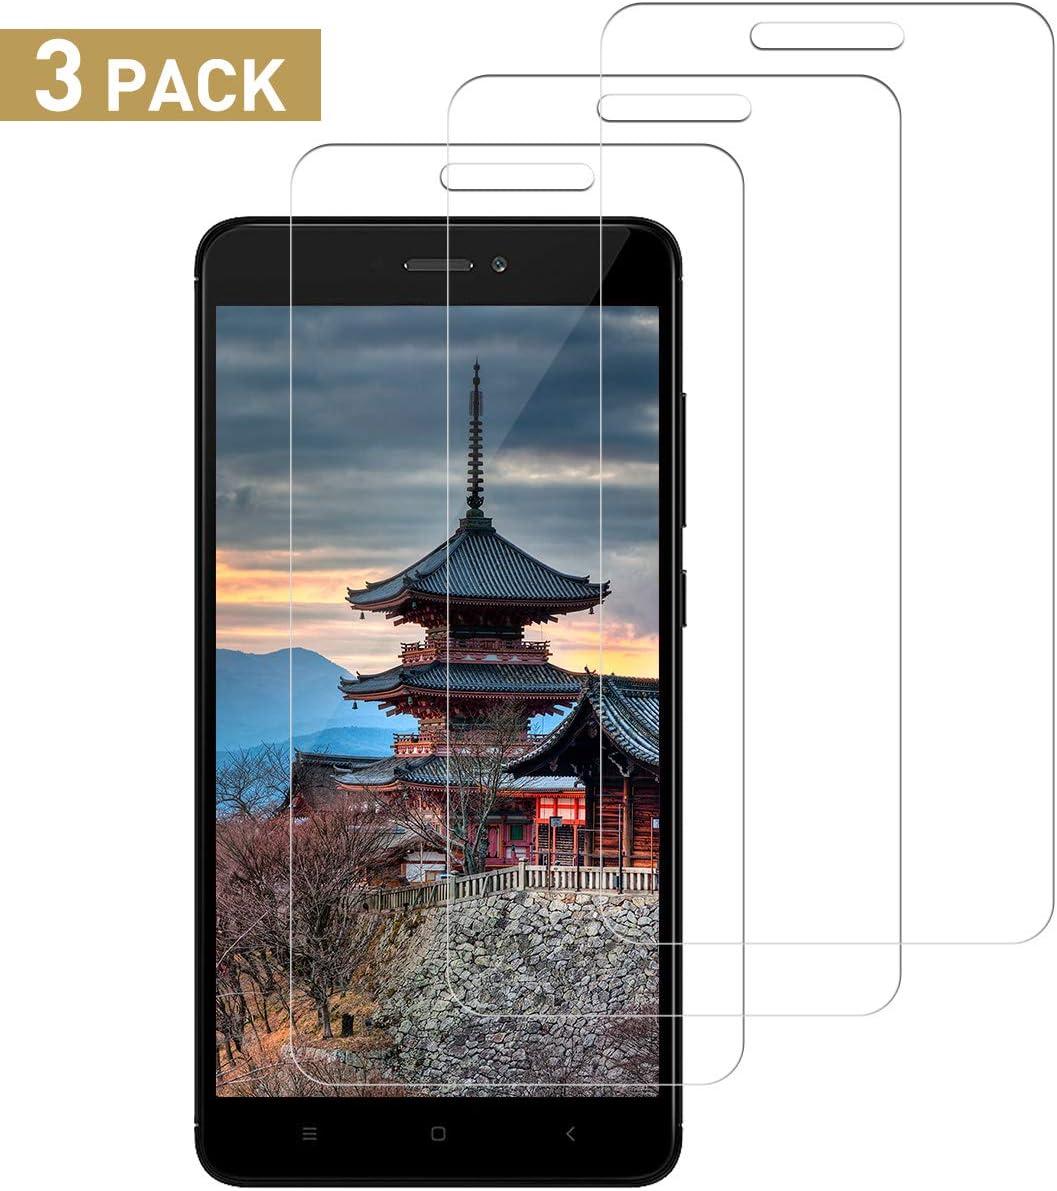 SNUNGPHIR Cristal Templado Compatible para Xiaomi Redmi Note 4X, [3 Piezas] [Alta Definición] [9H Dureza] Vidrio Templado Protector de Pantalla para Xiaomi Redmi Note 4X [Sin Cobertura Toda Pantalla]